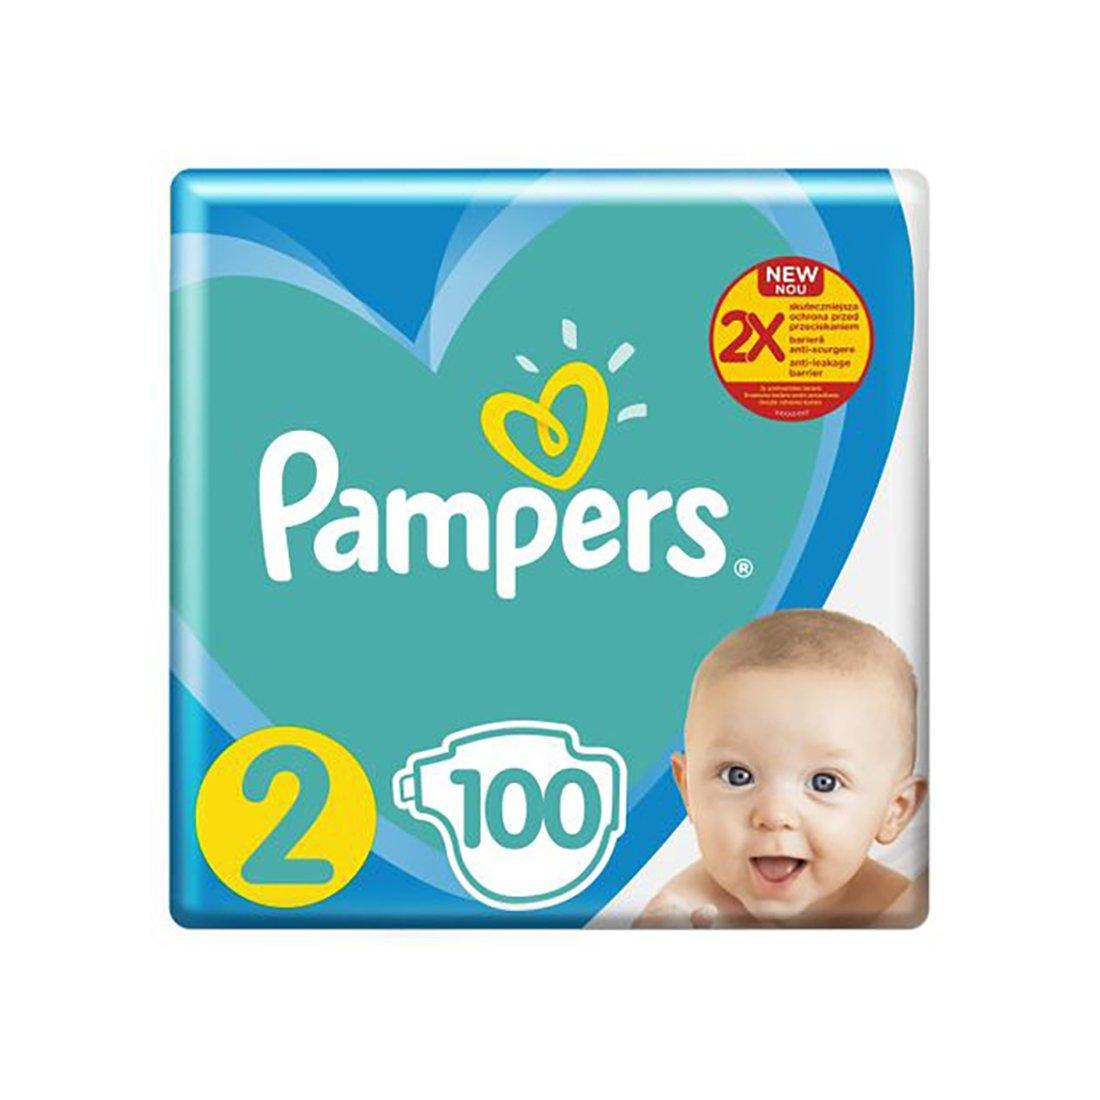 Scutece Pampers 2 Newbaby, 4-8 kg, 100 buc imagine